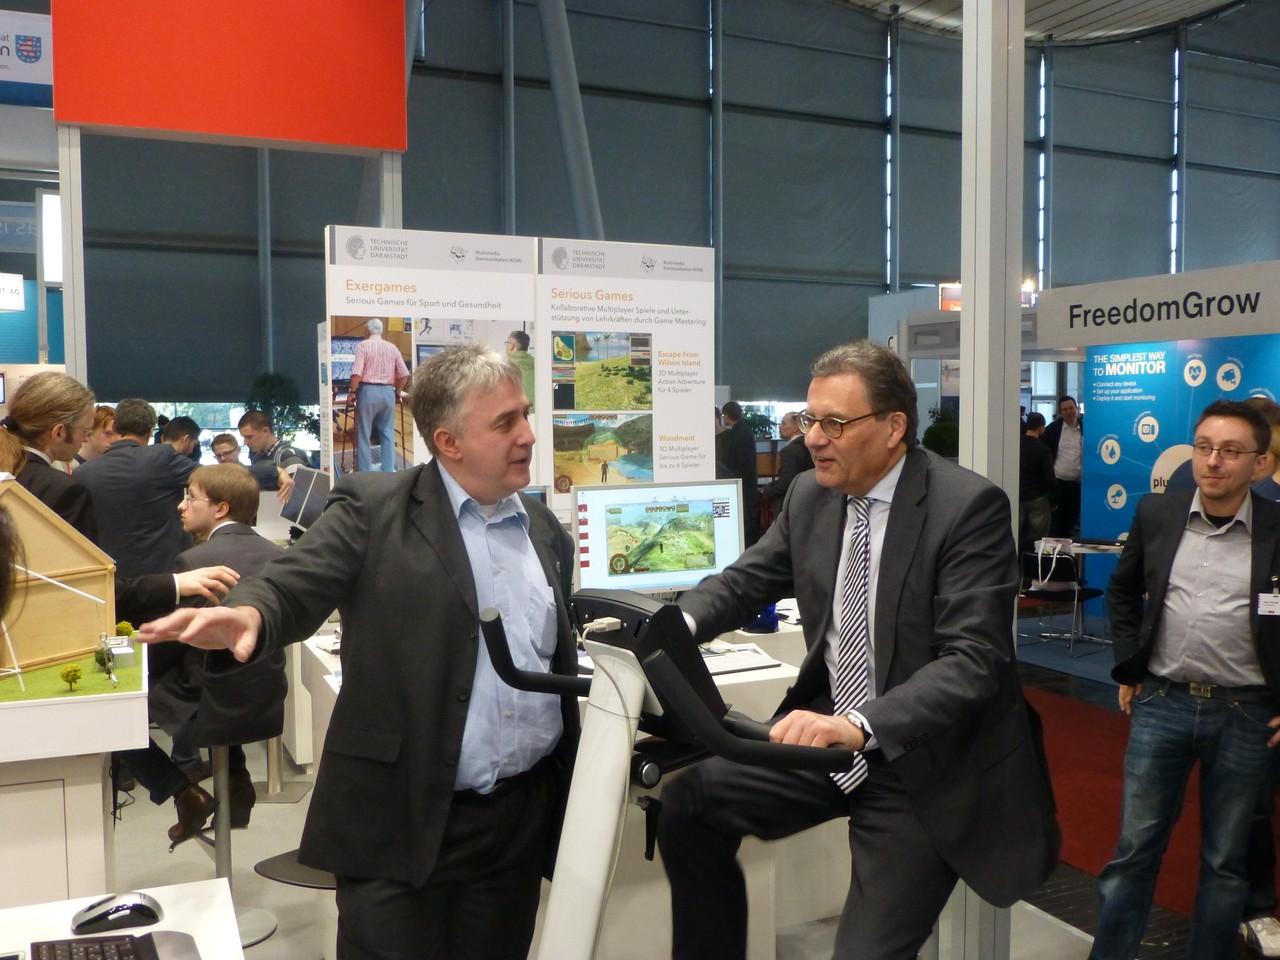 CeBIT 2013: Serious Games für Sport und Gesundheit, Entwicklungen der TU Darmstadt